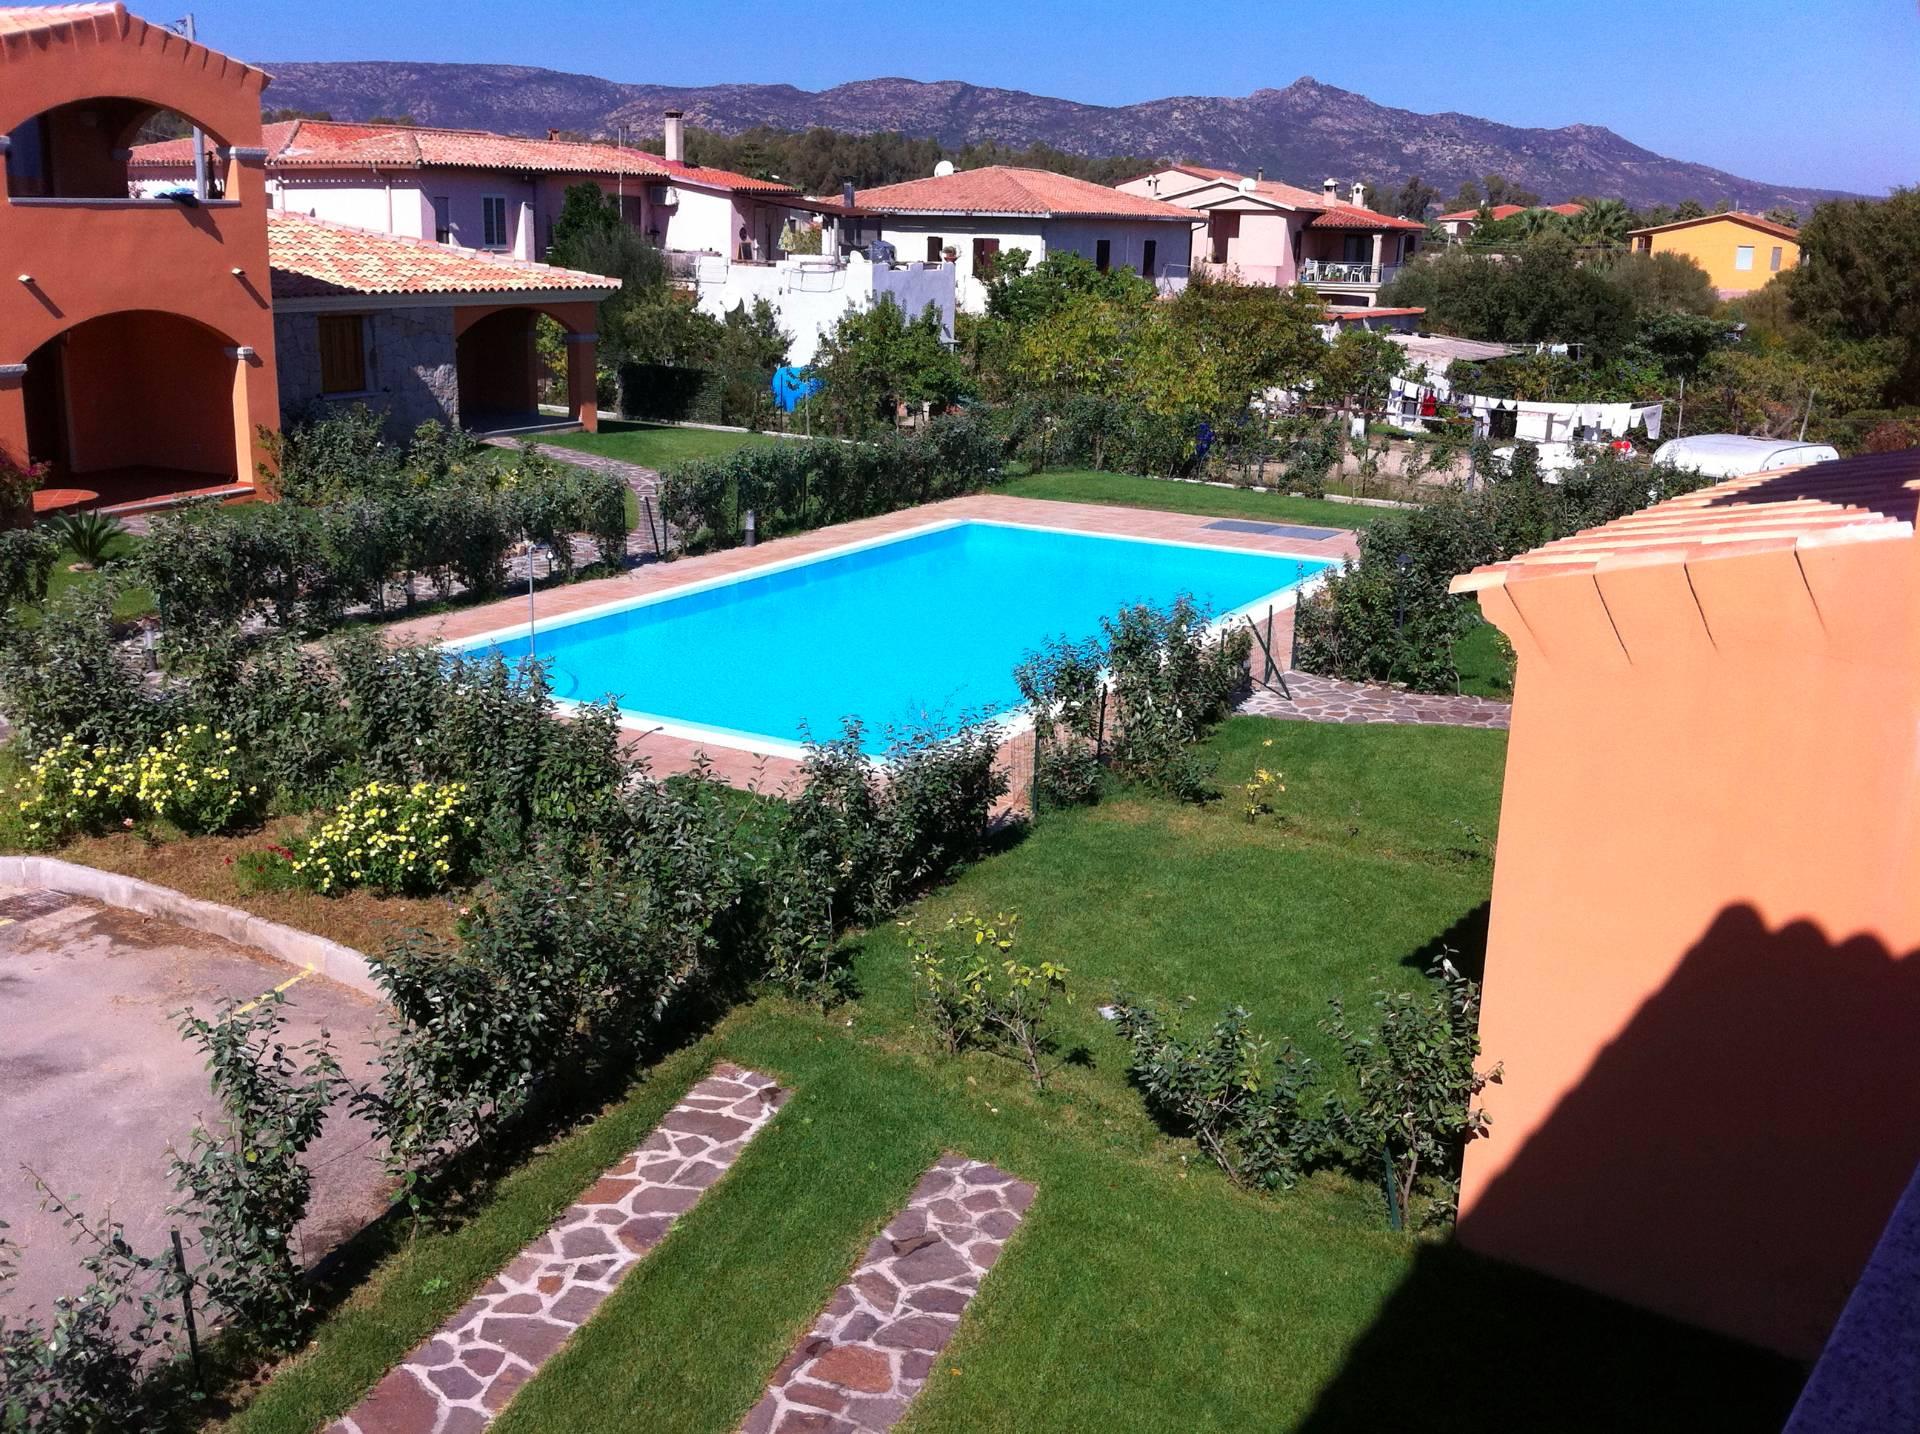 Appartamento in vendita a San Teodoro, 3 locali, prezzo € 190.000 | CambioCasa.it